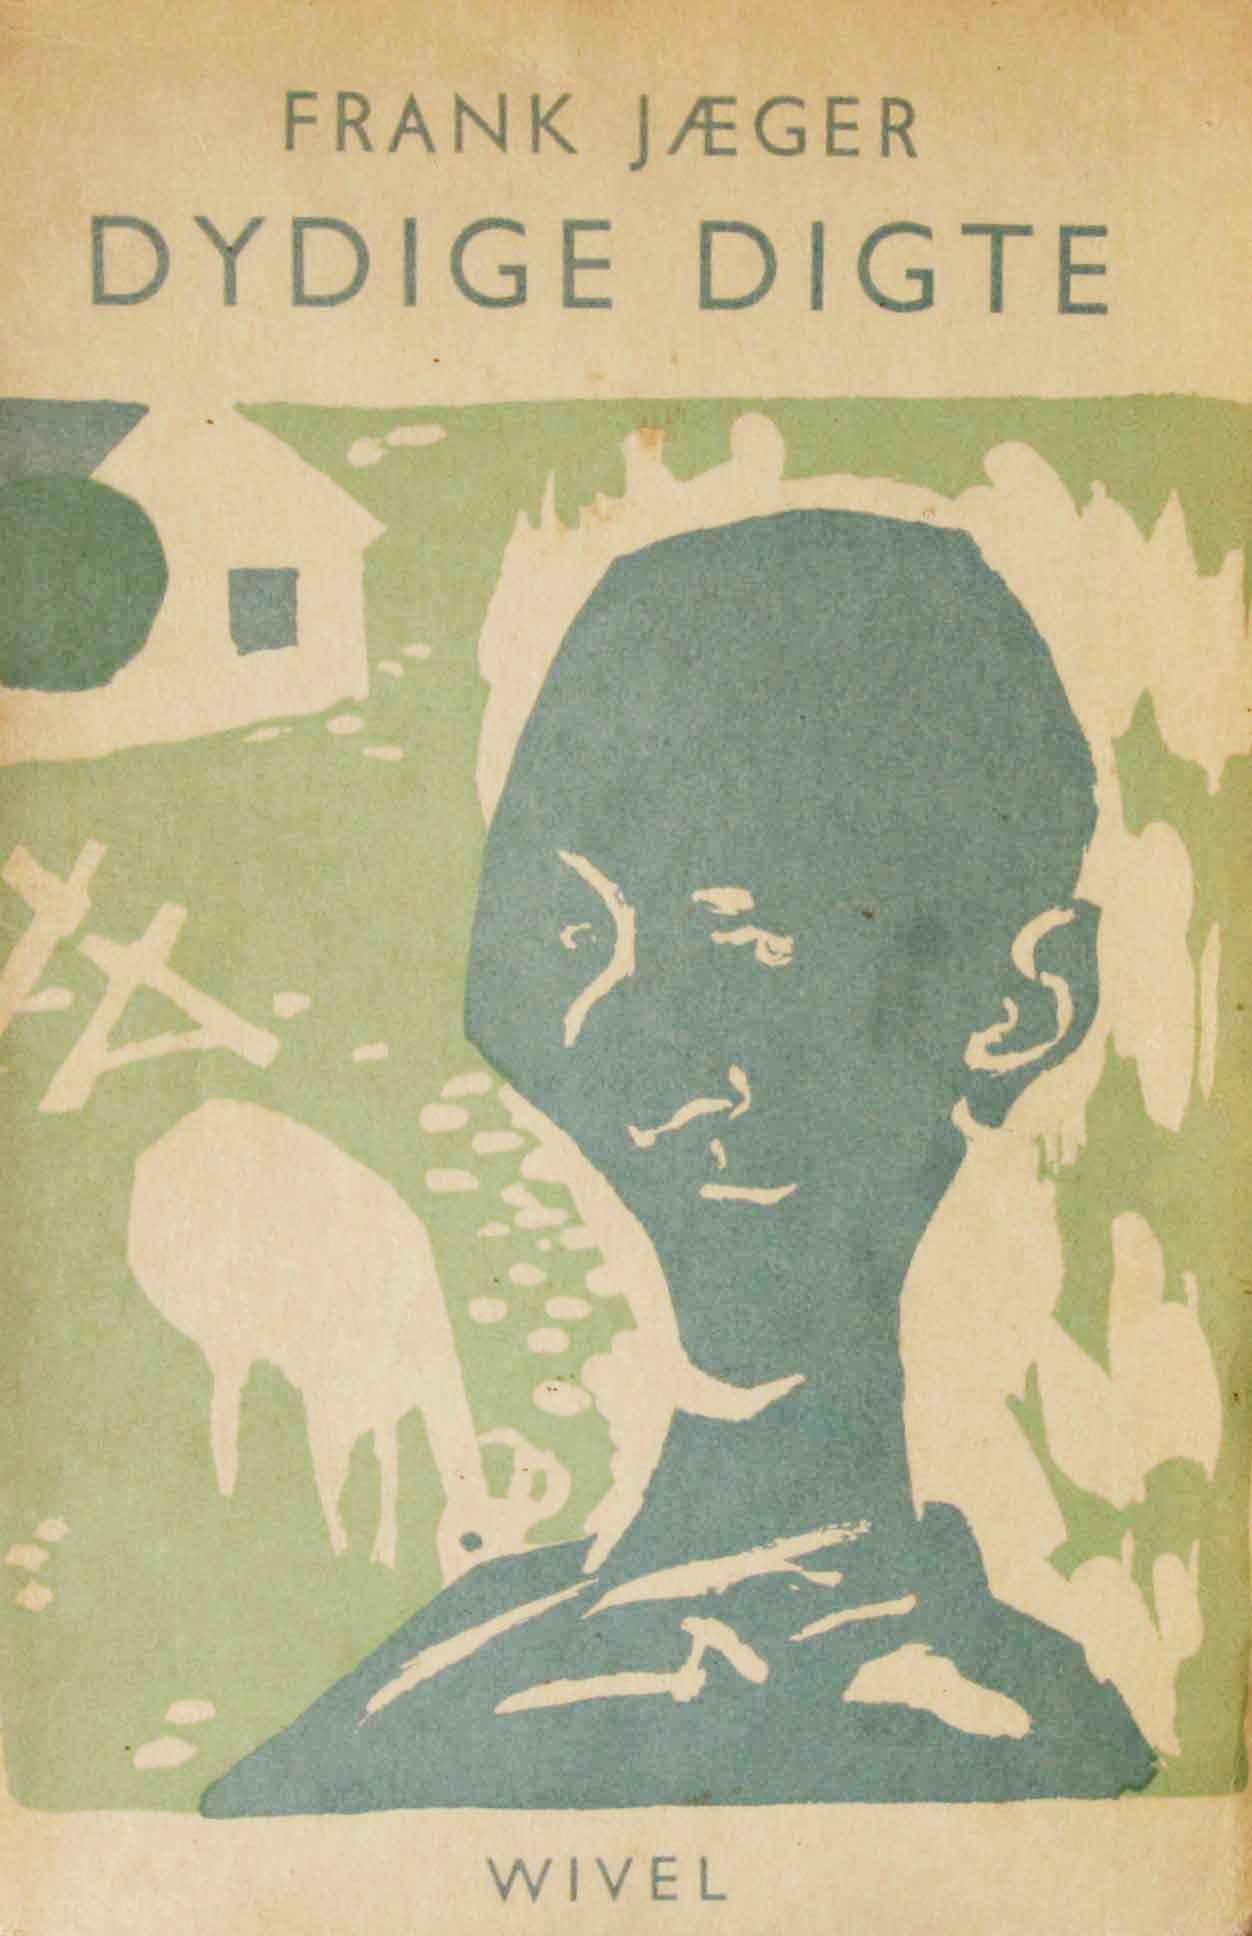 frank jæger dydige digte første udgave